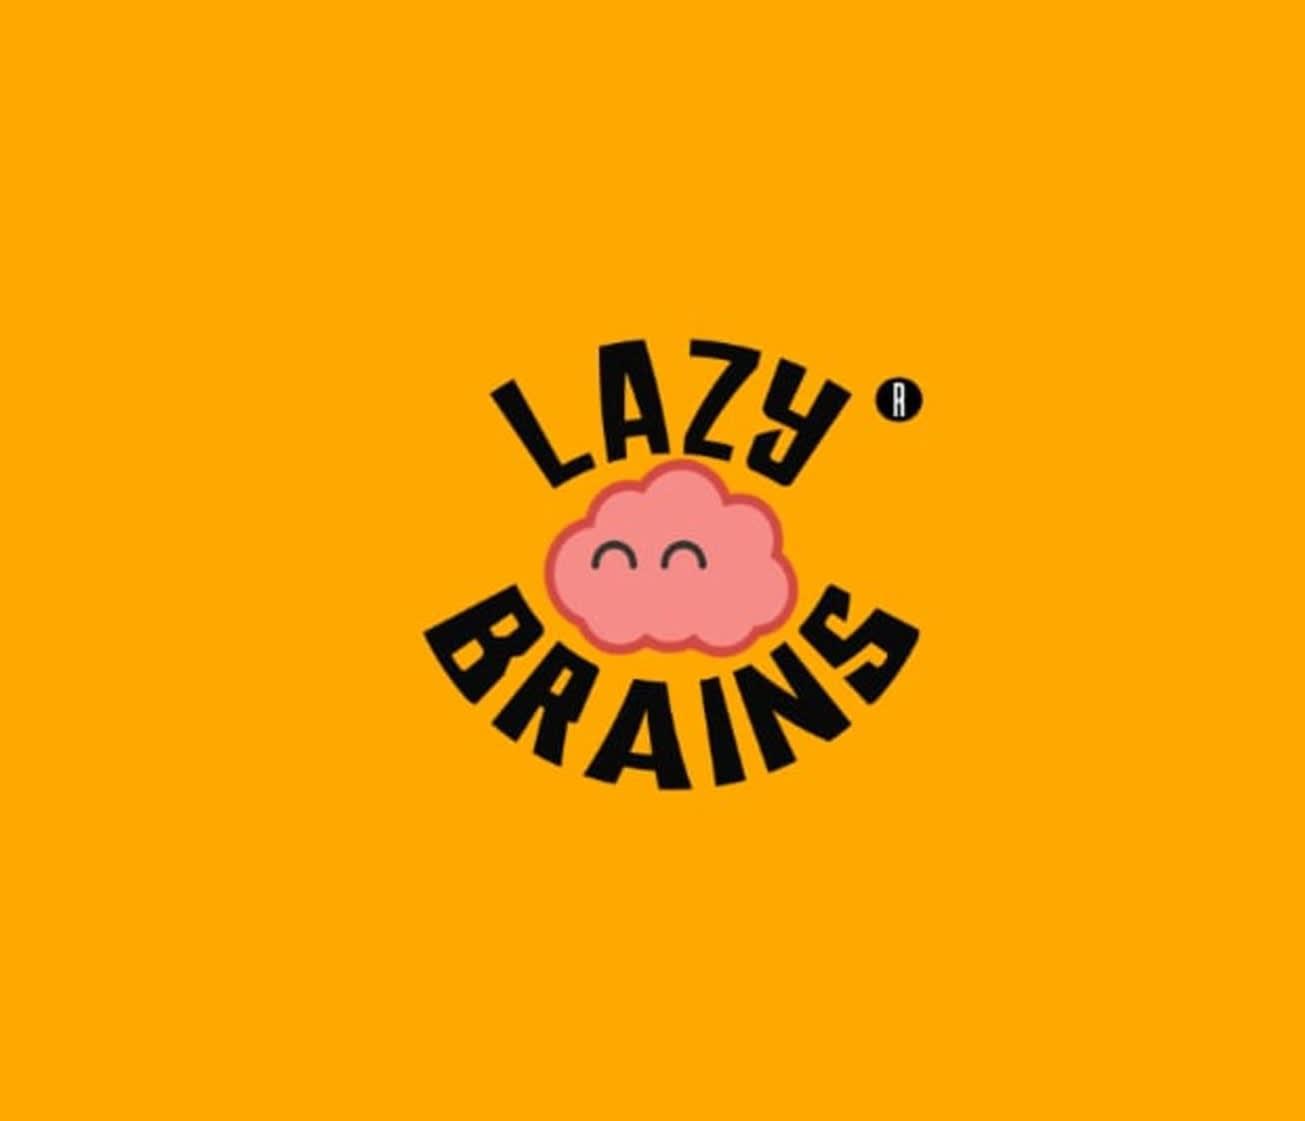 Lazybrains